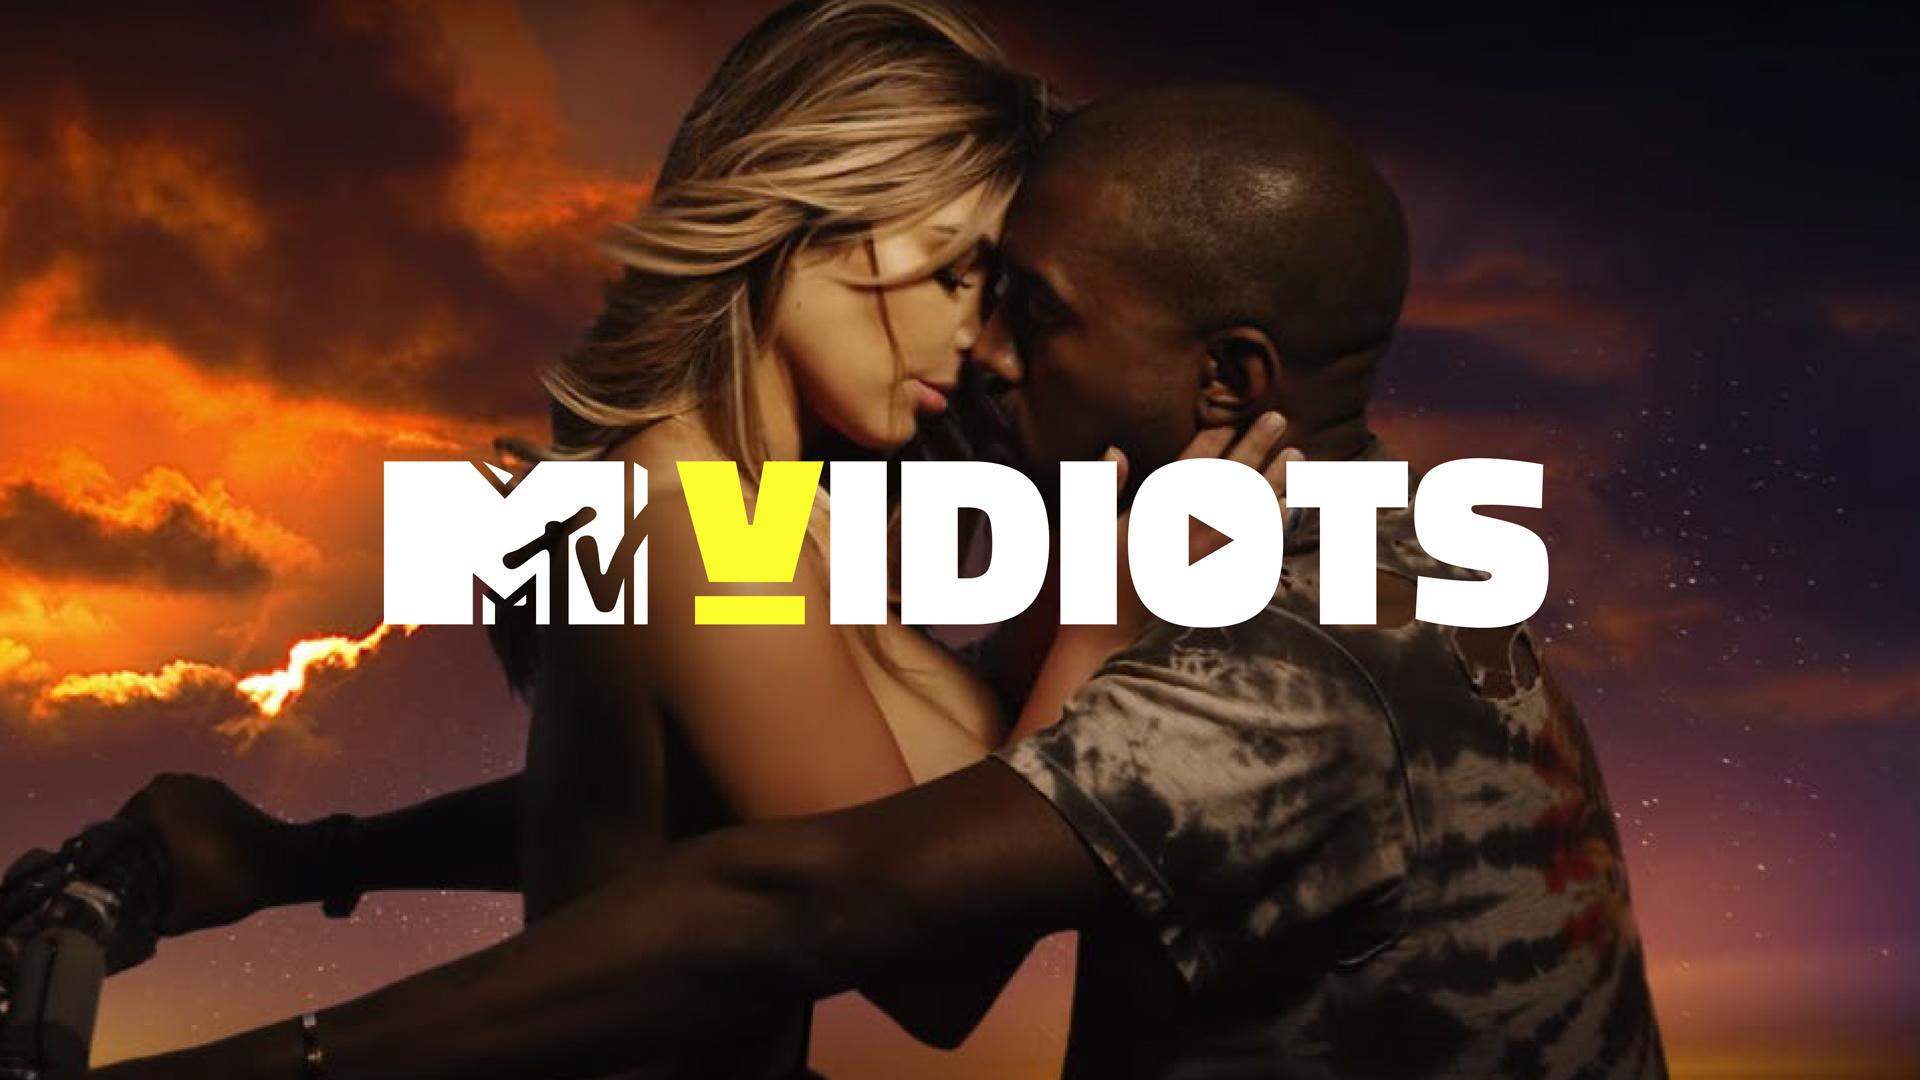 MTV_Vidiots_logo_2